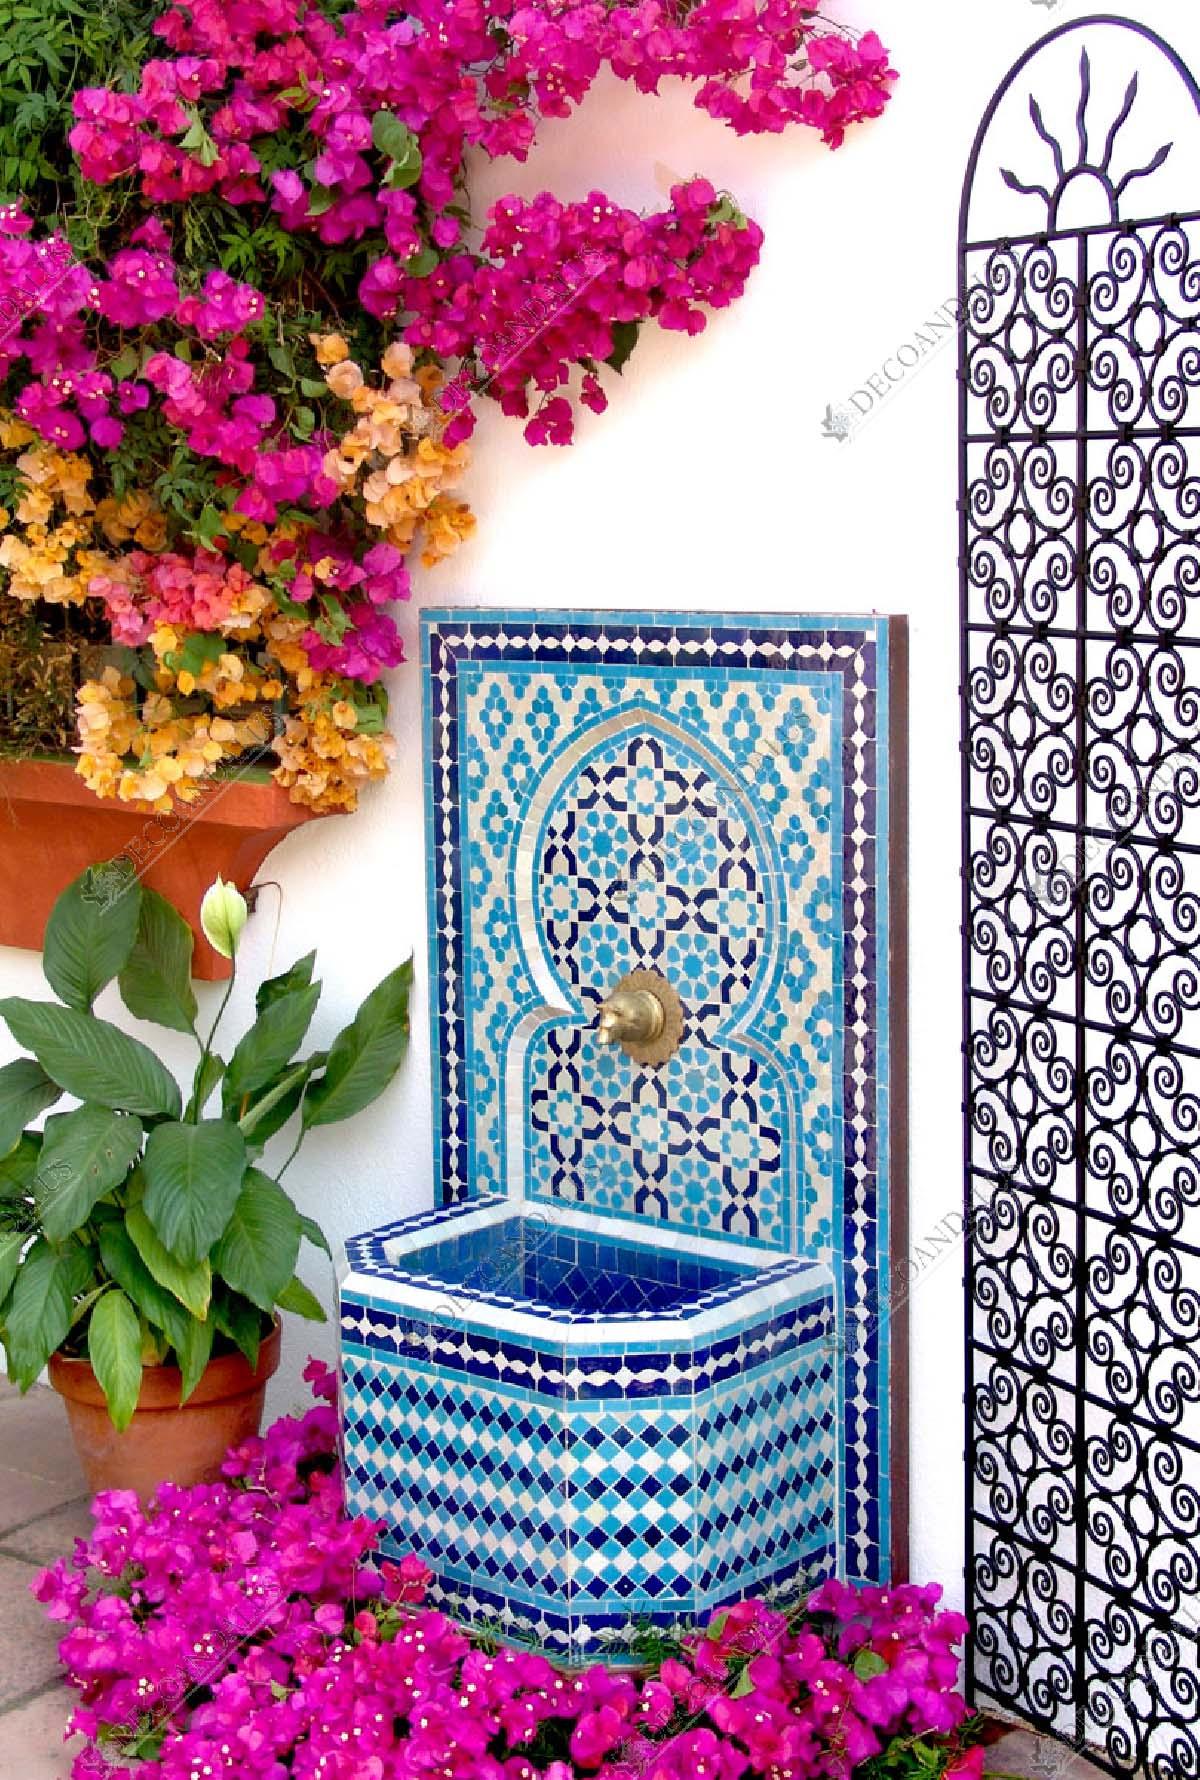 Garden fountain AR.FP.1